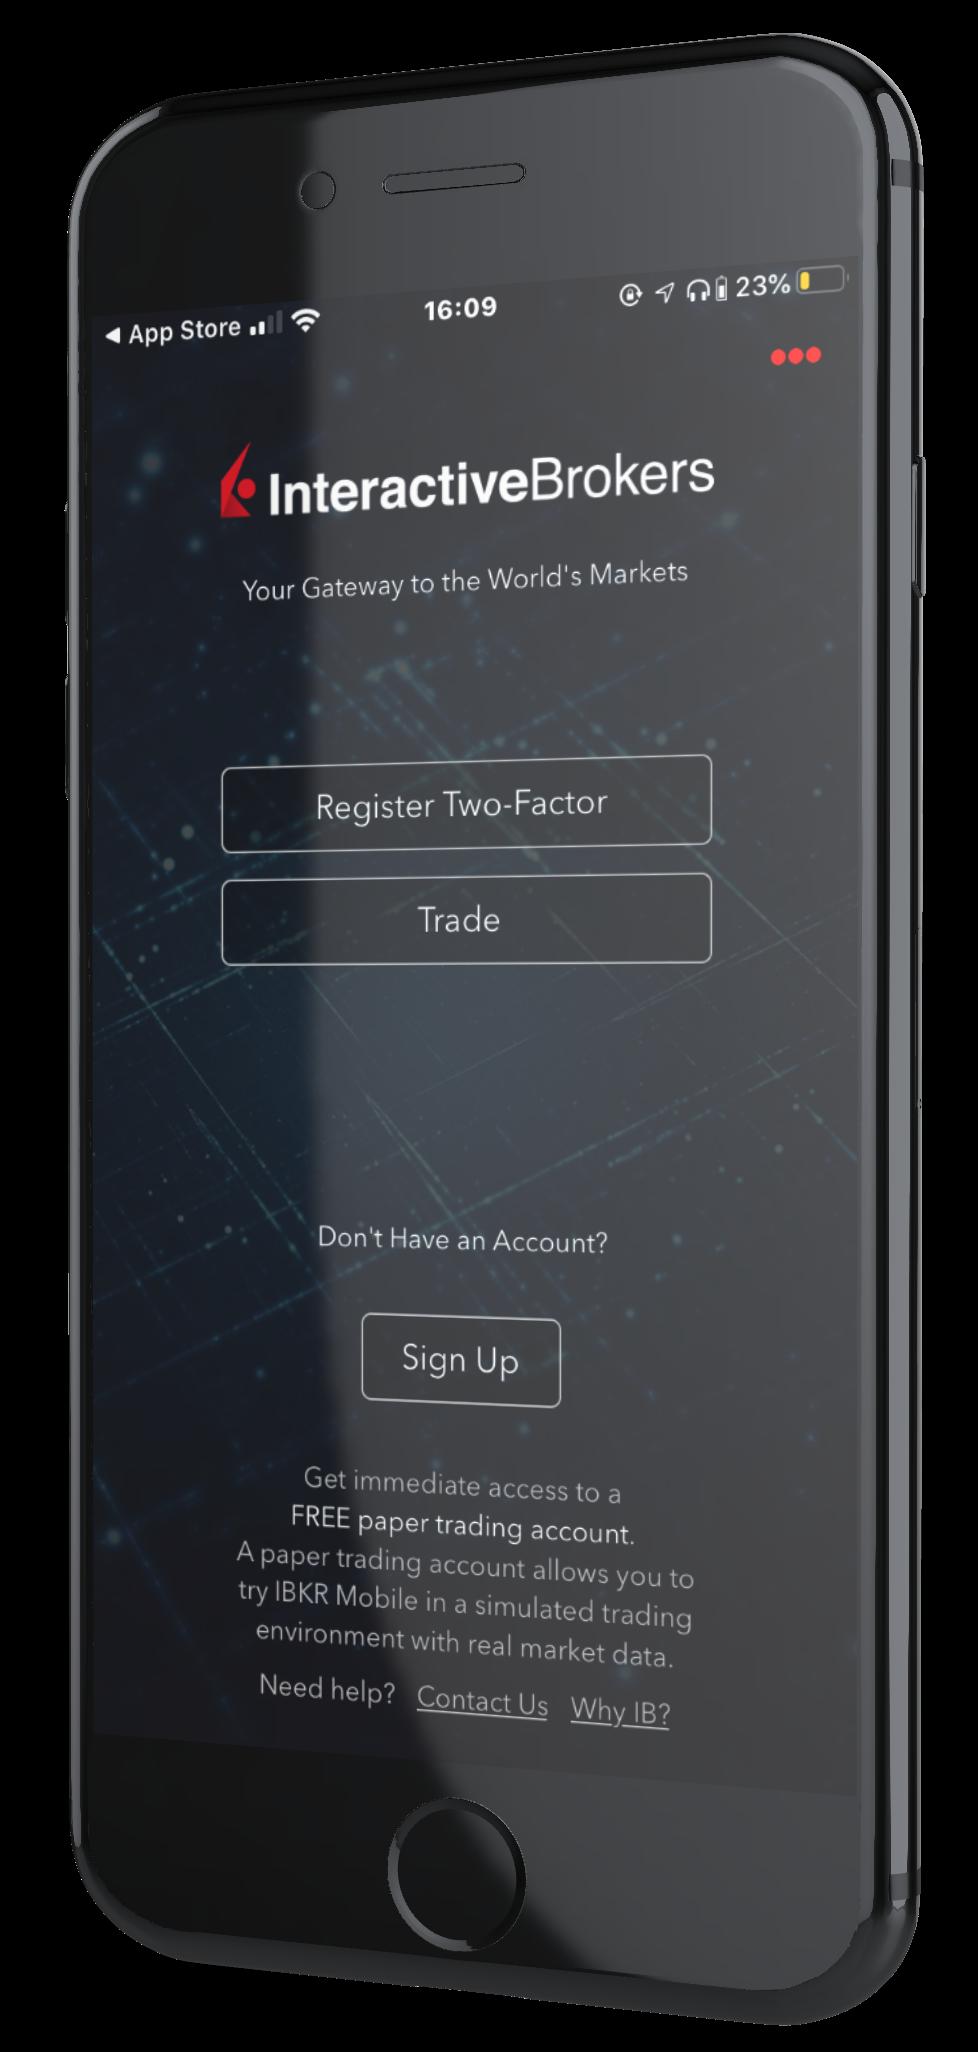 interactive brokers app